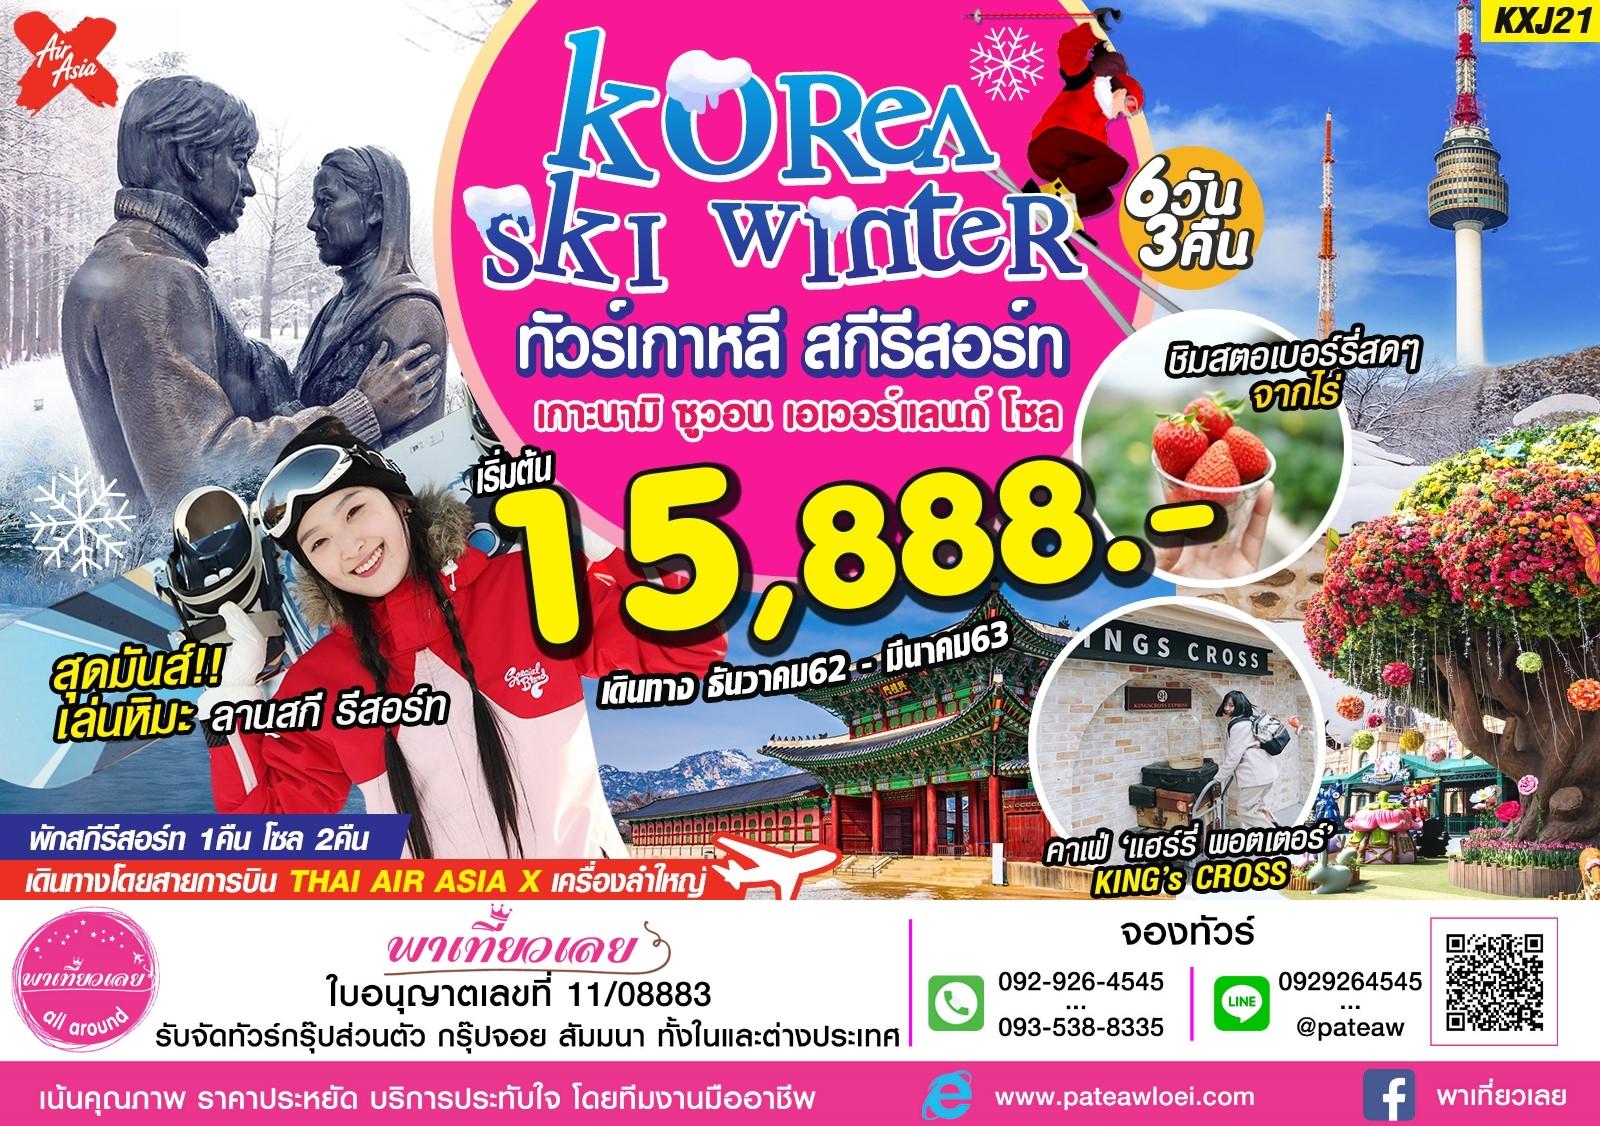 เกาหลี สกีรีสอร์ท ซูวอน โซล 6วัน 3คืน